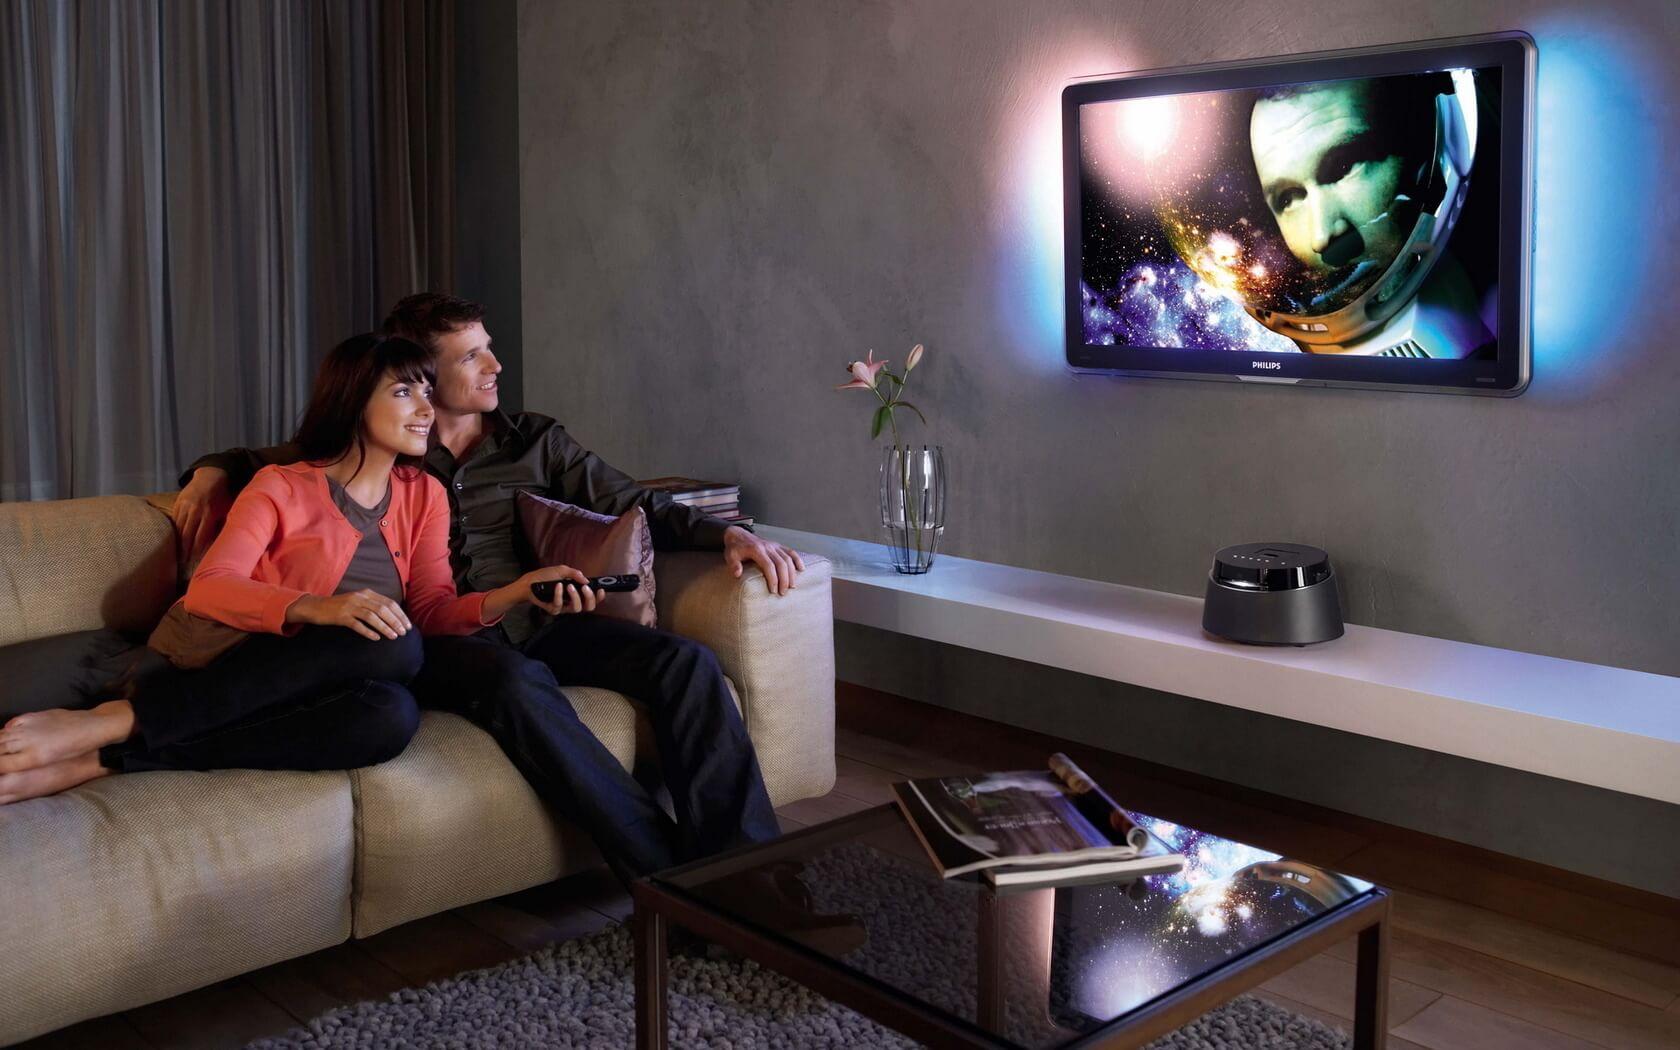 Он, она и телевизор